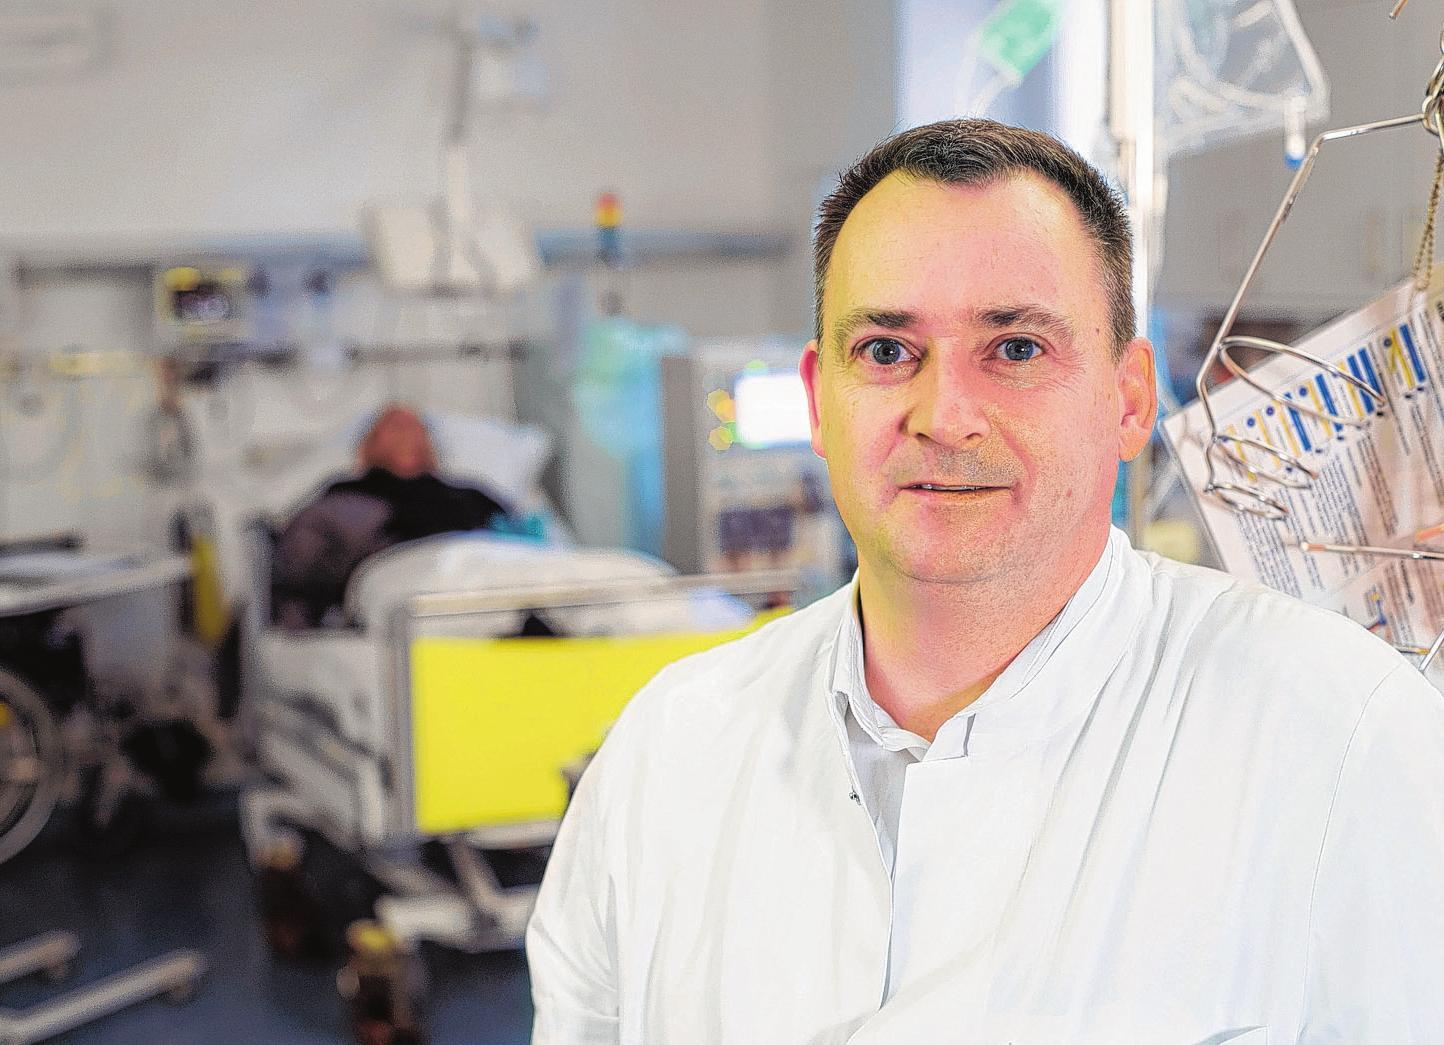 Oberarzt Dr. med. Jörg Reindel vom Klinikum Karlsburg. FOTOS (3): Anette Pröber